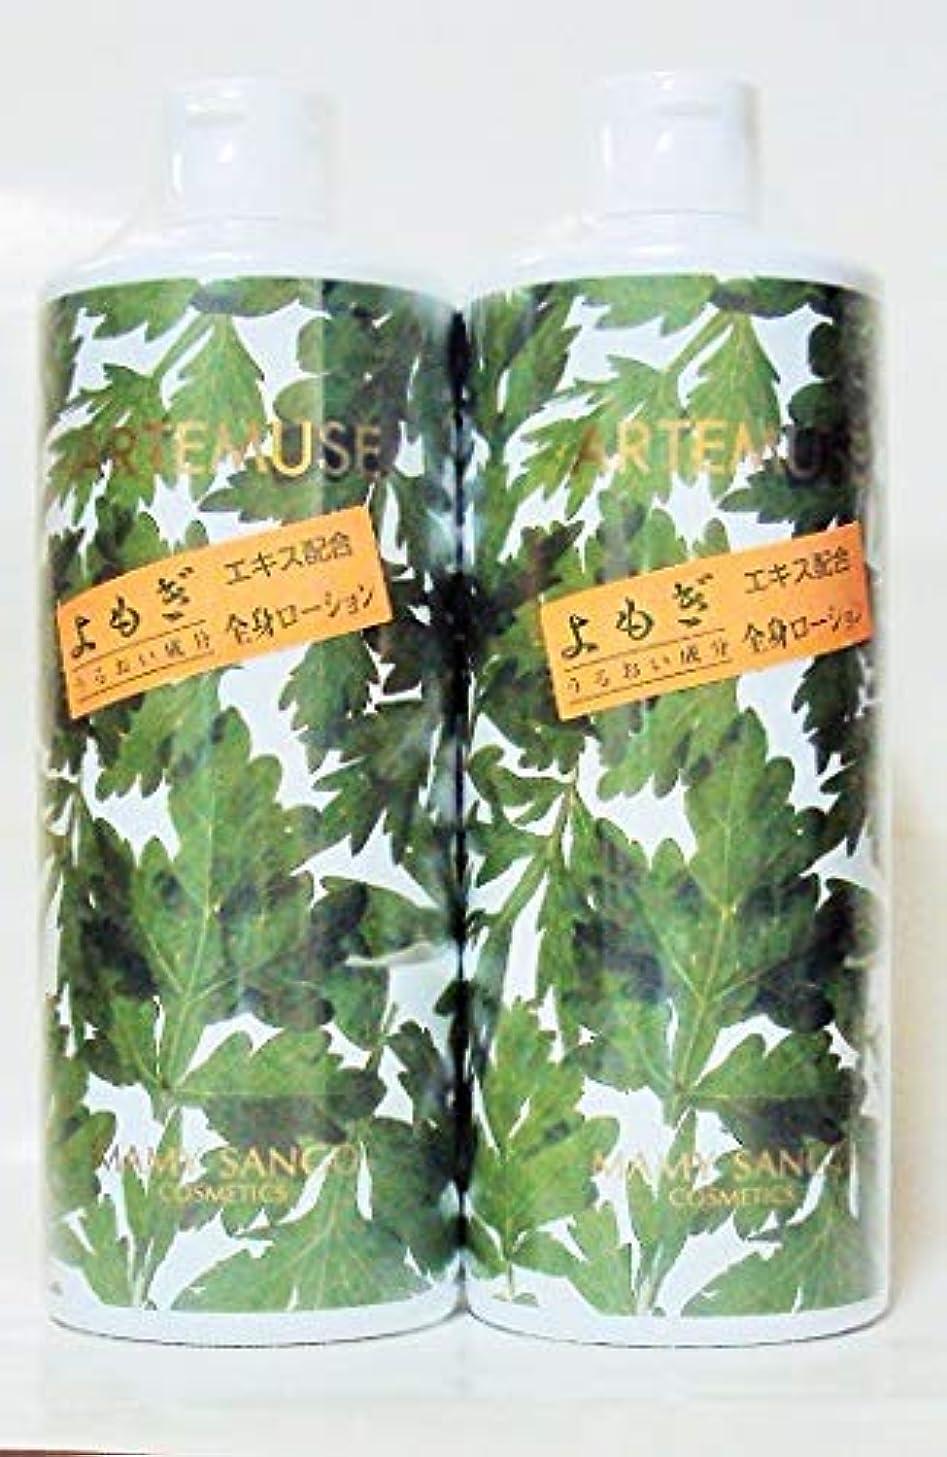 鷹詐欺師十代の若者たちマミーサンゴ薬用ローショーン500ml(2本セット価額)